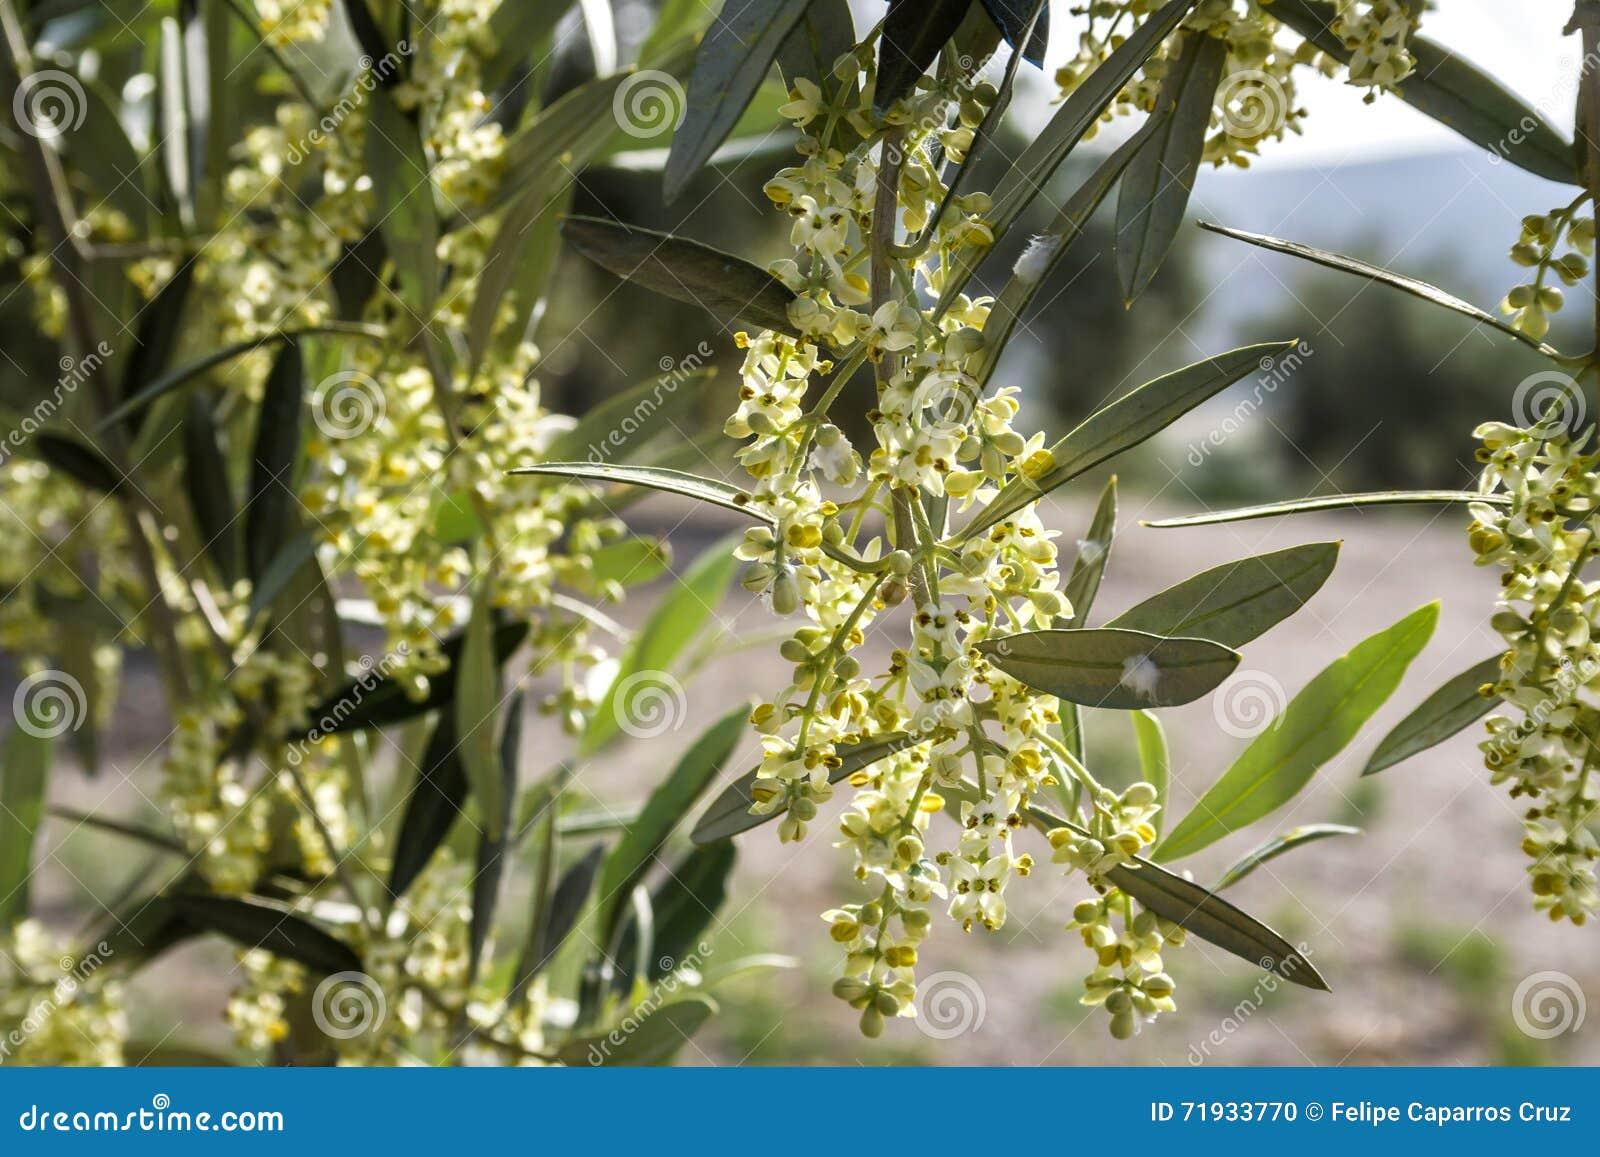 Оливковое дерево в цветени во время весны